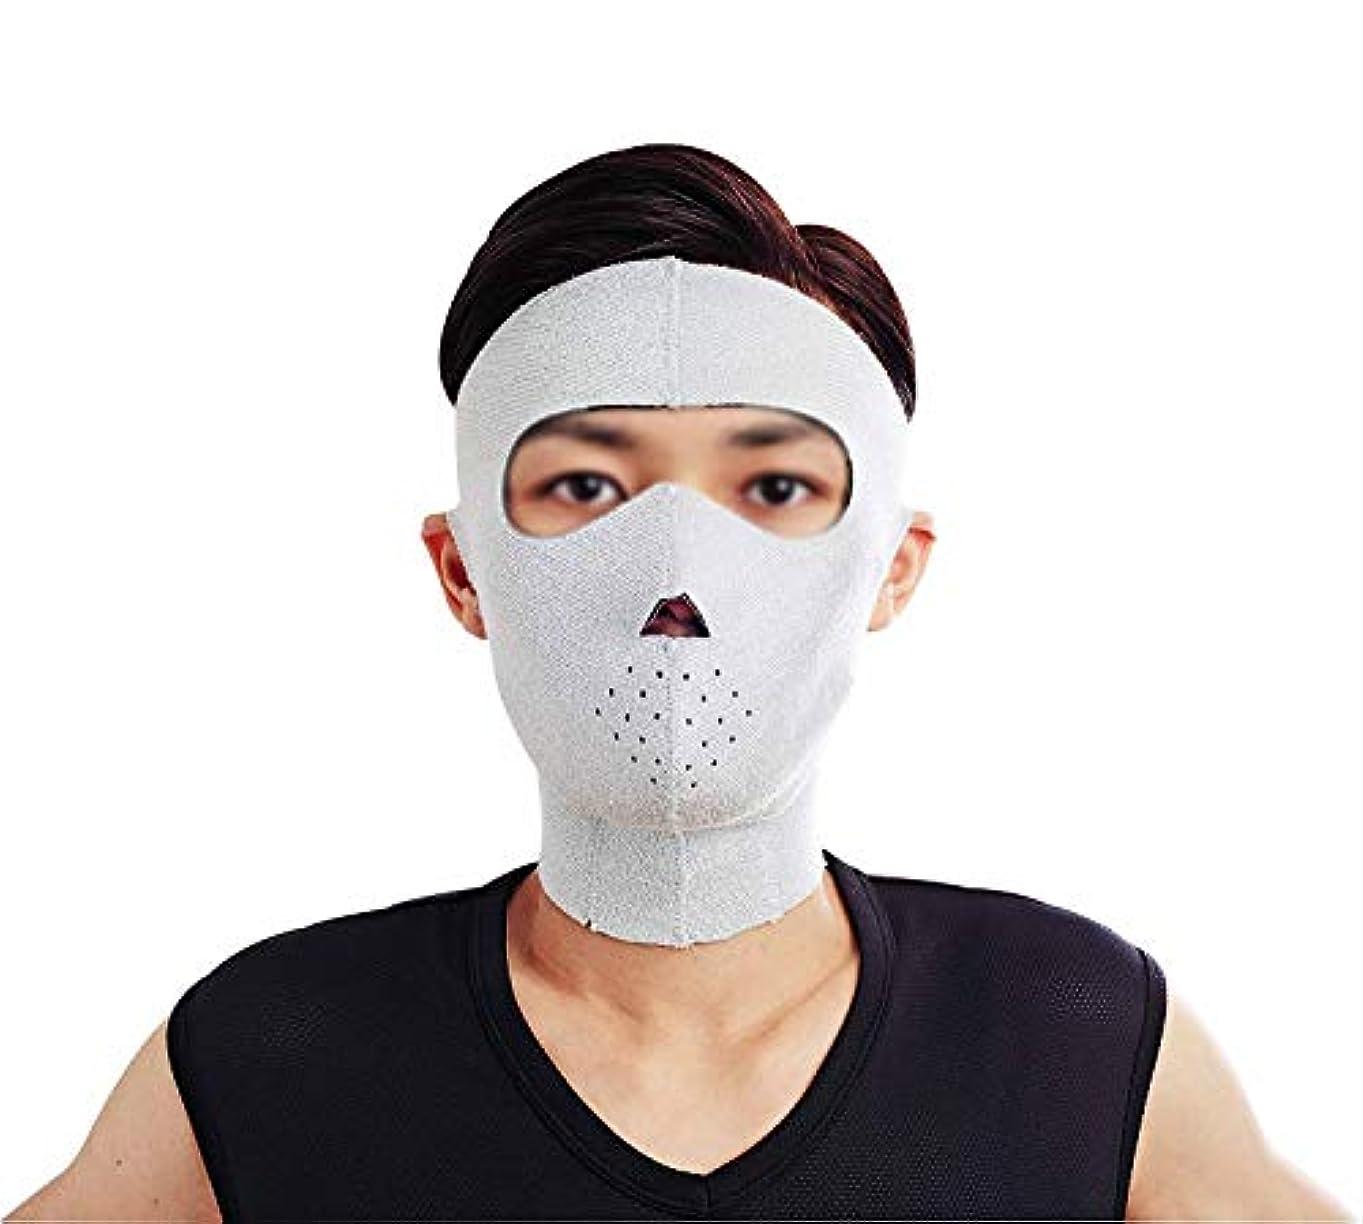 靴スマート密度フェイスリフトマスク、フェイシャルマスクプラス薄いフェイスマスクタイトアンチたるみシンフェイスマスクフェイシャル薄いフェイスマスクアーティファクト美容男性ネックストラップ